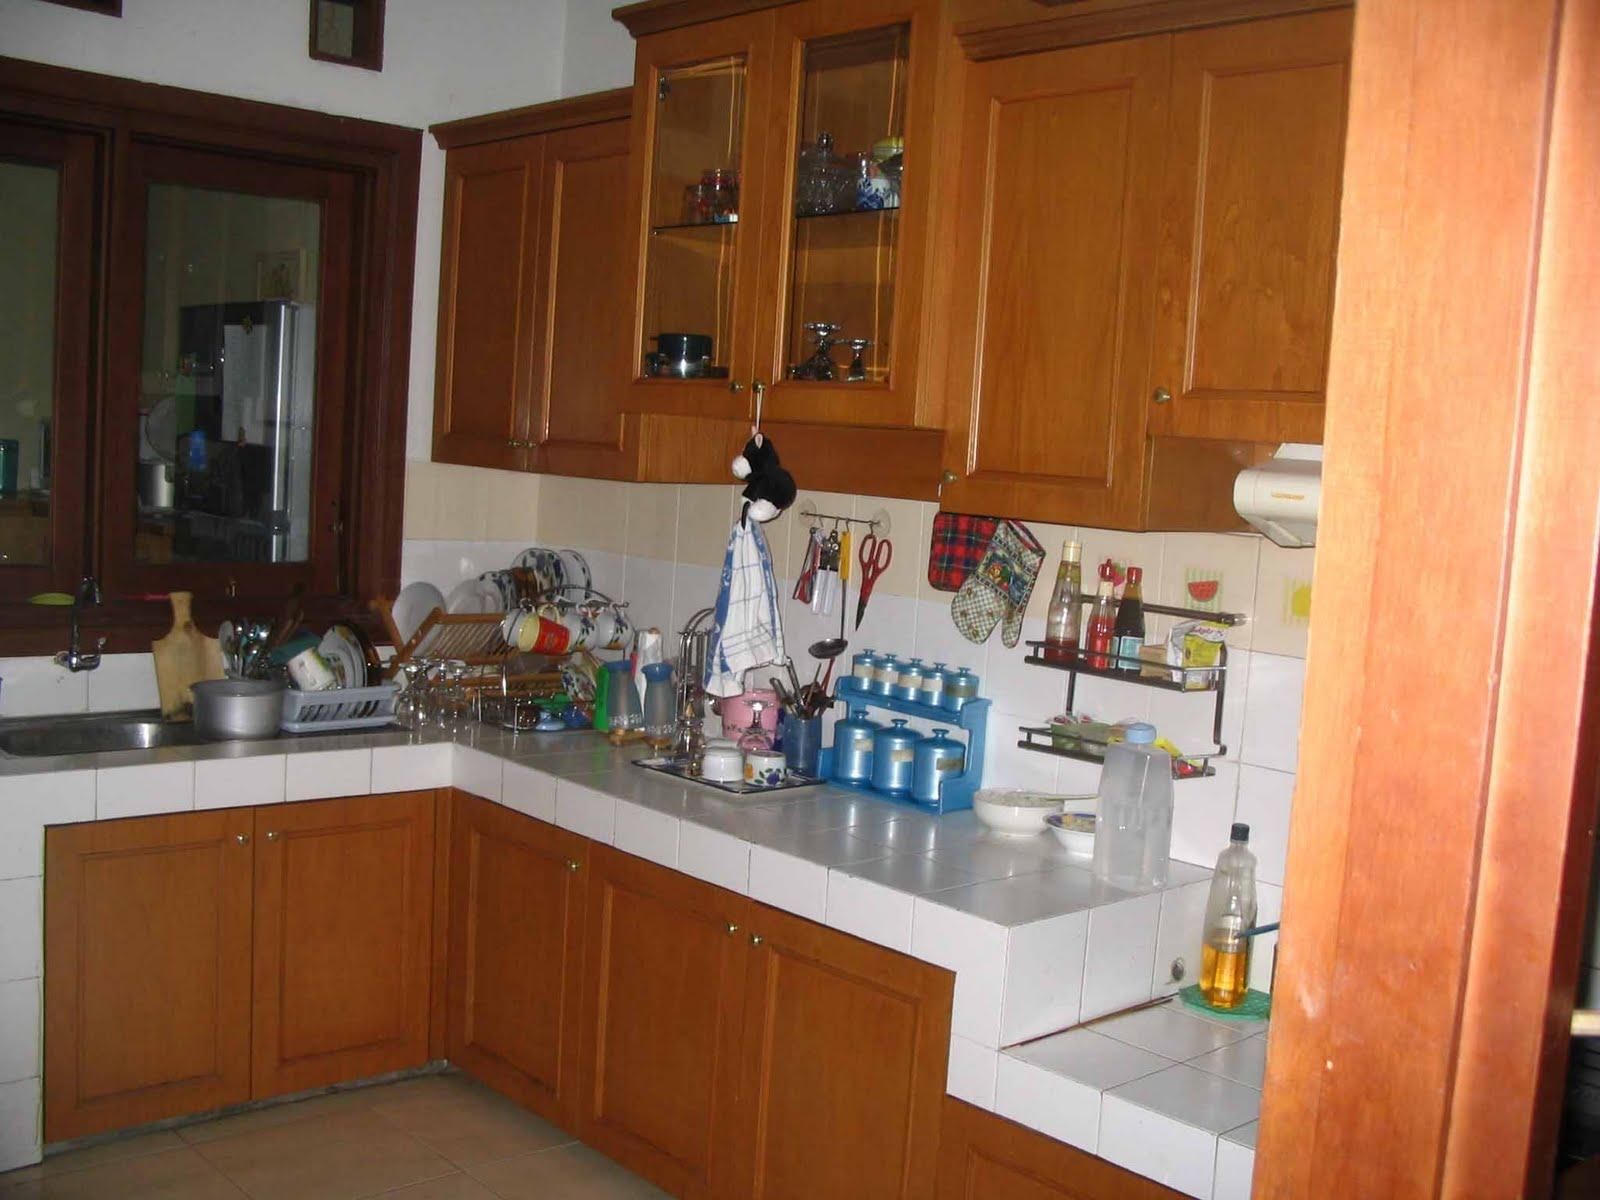 Beau Minimalist Kitchen Design